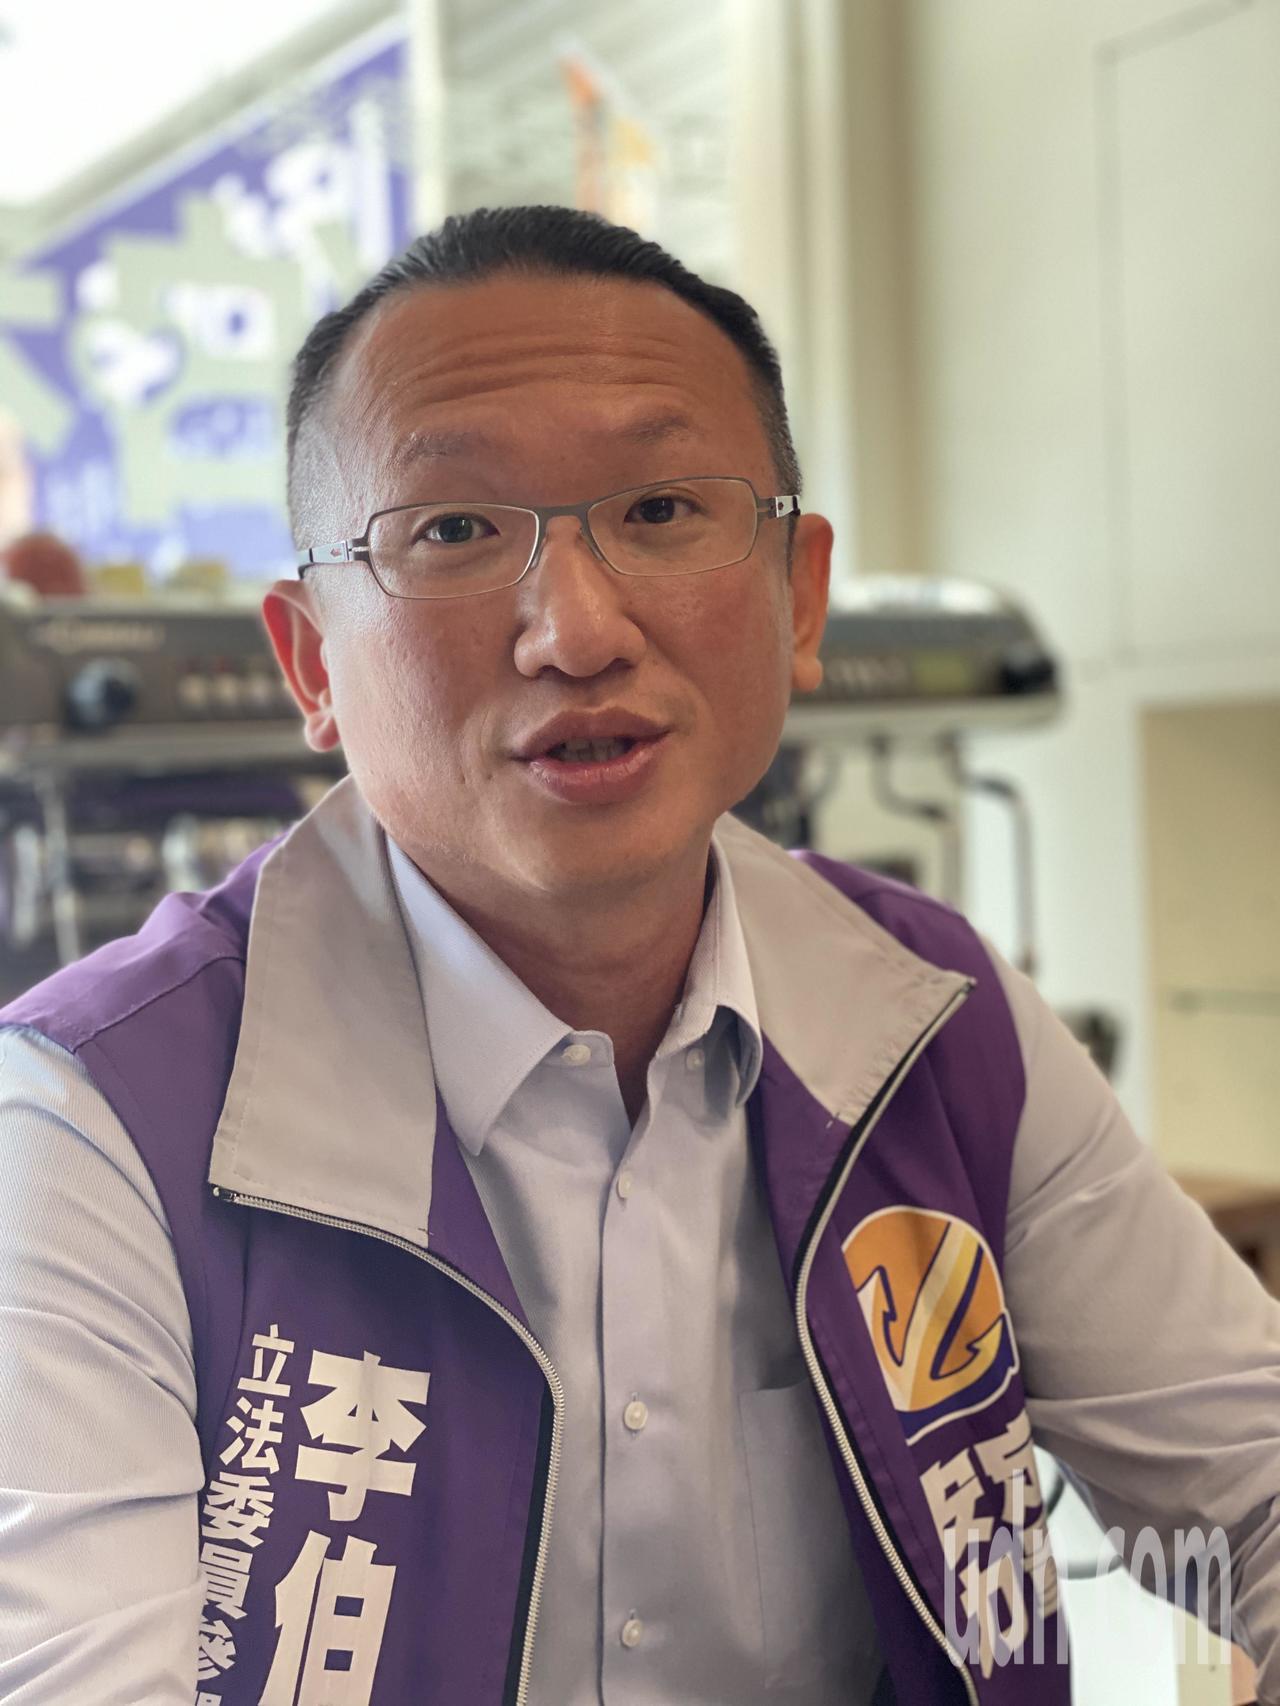 安定力量推舉參選台南市第5選區立委的李伯利。記者修瑞瑩/攝影